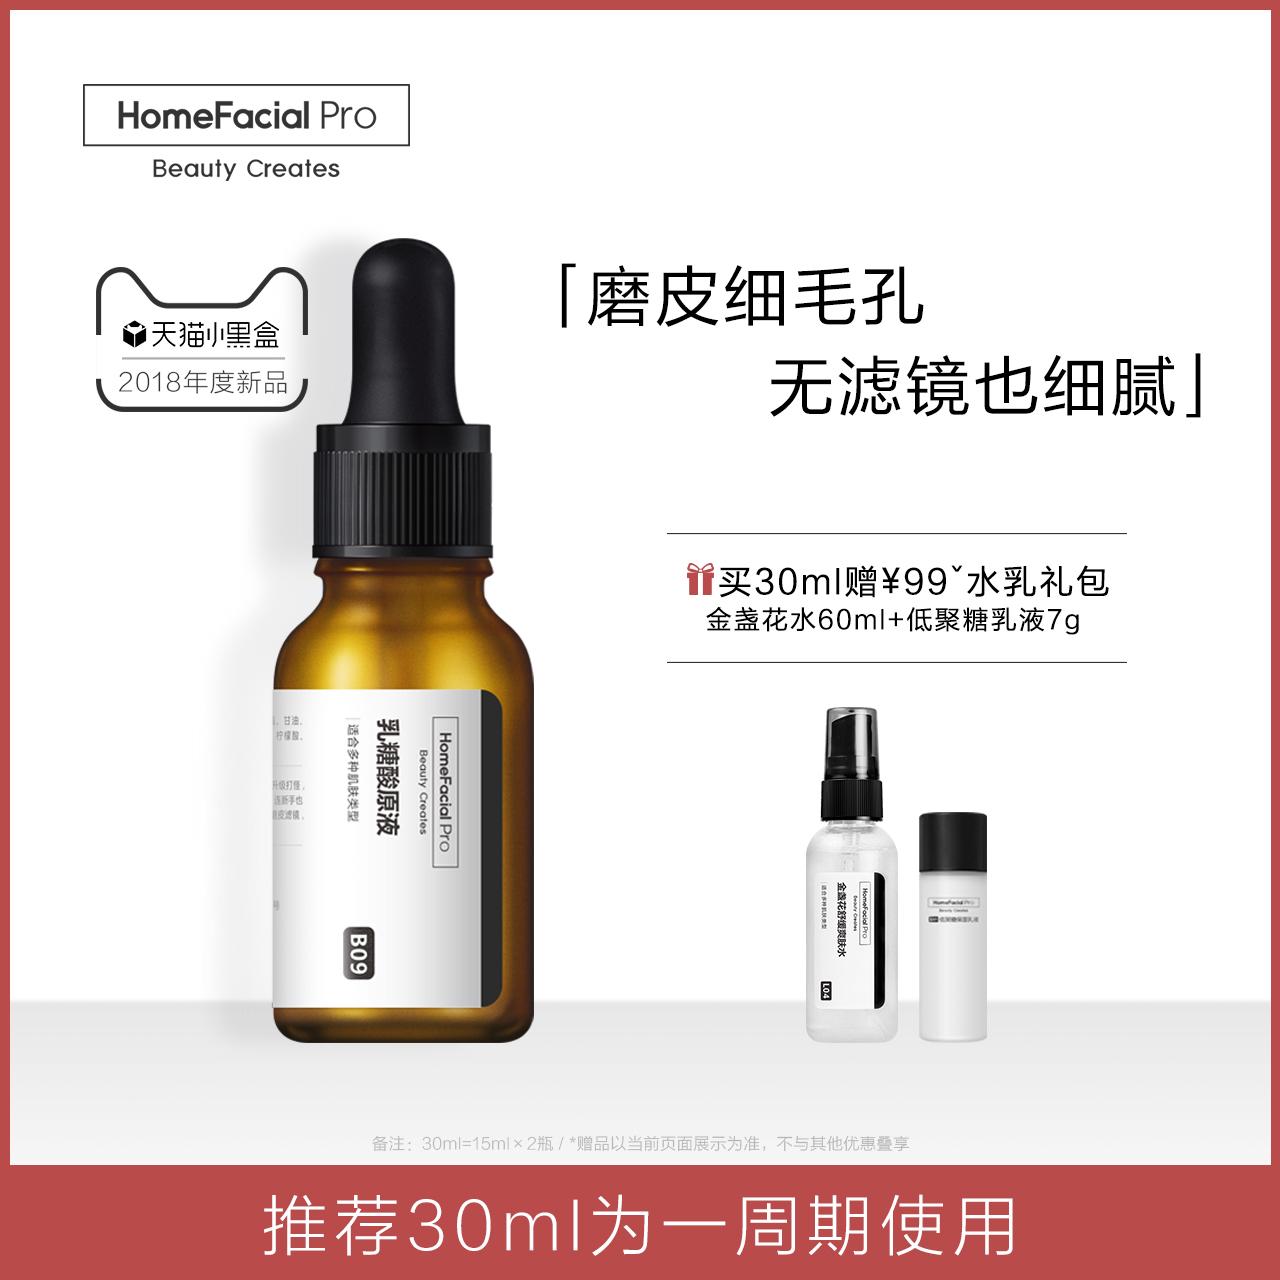 【热销单品】HFP乳糖酸收缩毛孔原液 去黑头修护毛孔粗大精华男女